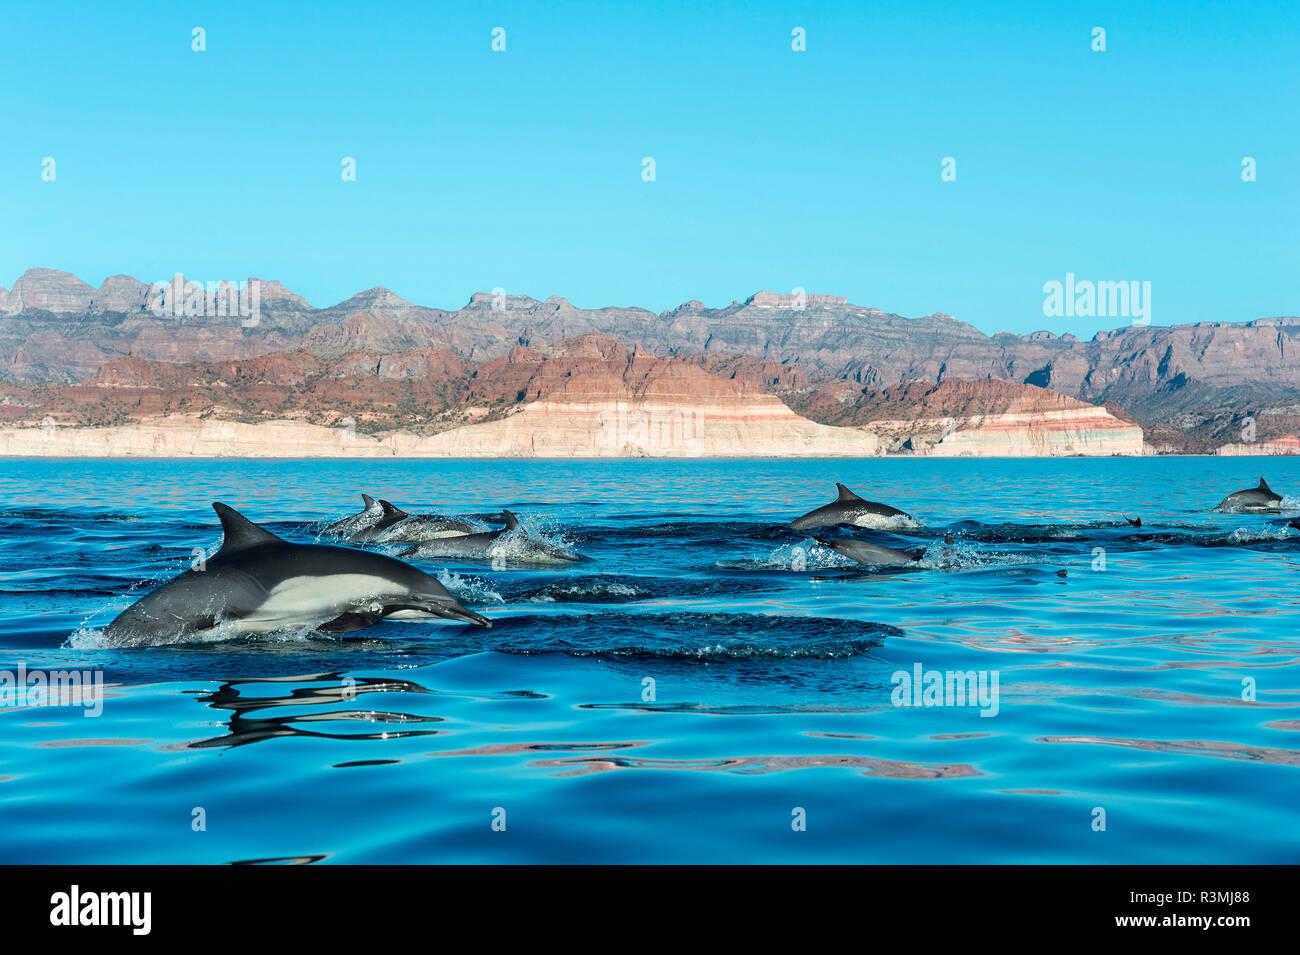 Common dolphin (Delphinus delphis) Gulf of California Mexico. - Stock Image